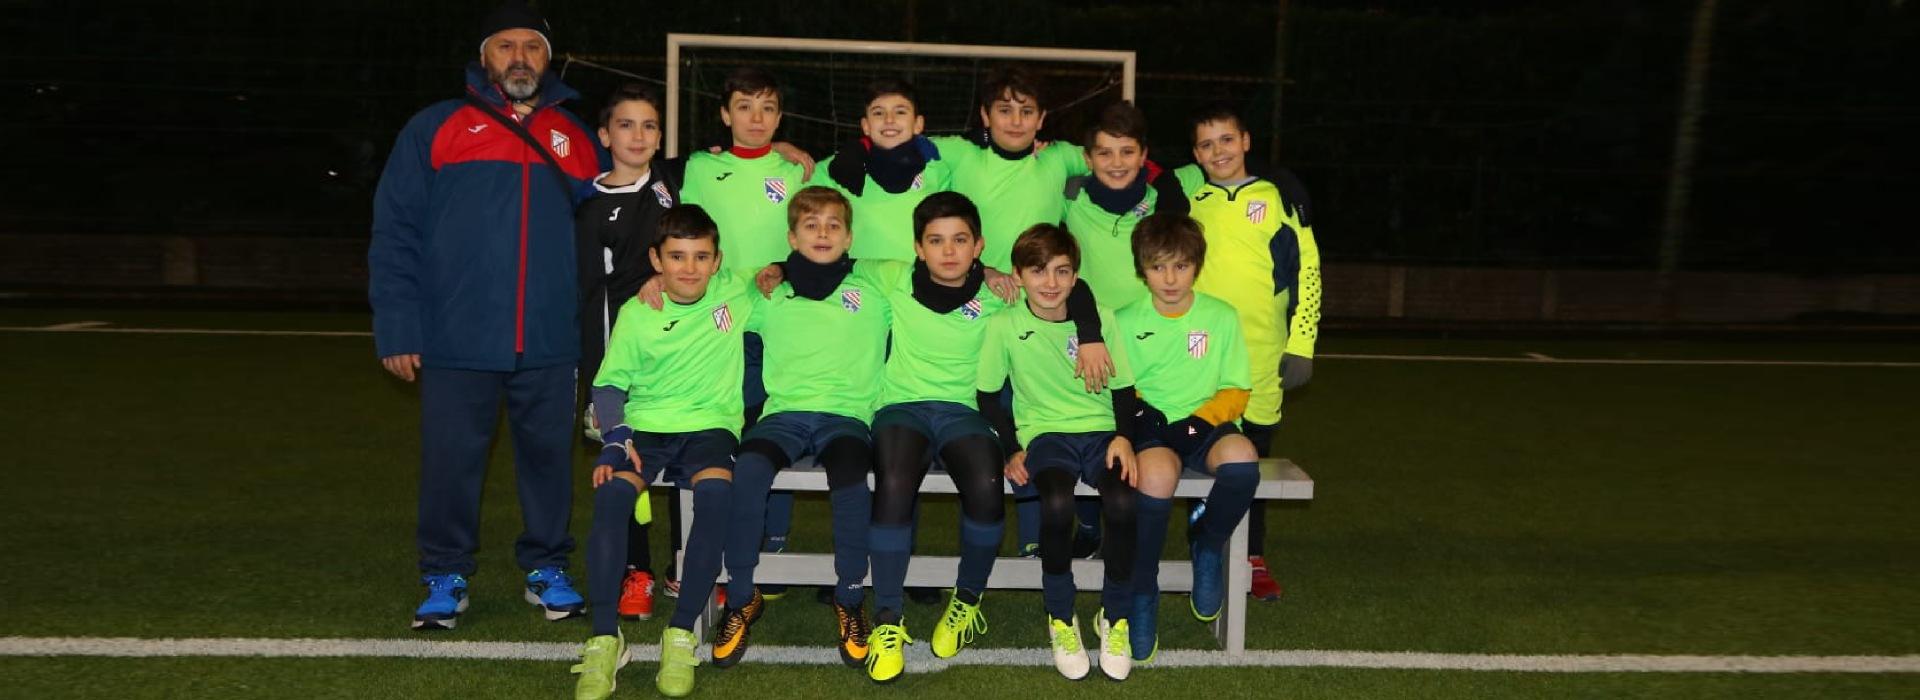 squadra under 12 calcio a 5 roma san gaspare